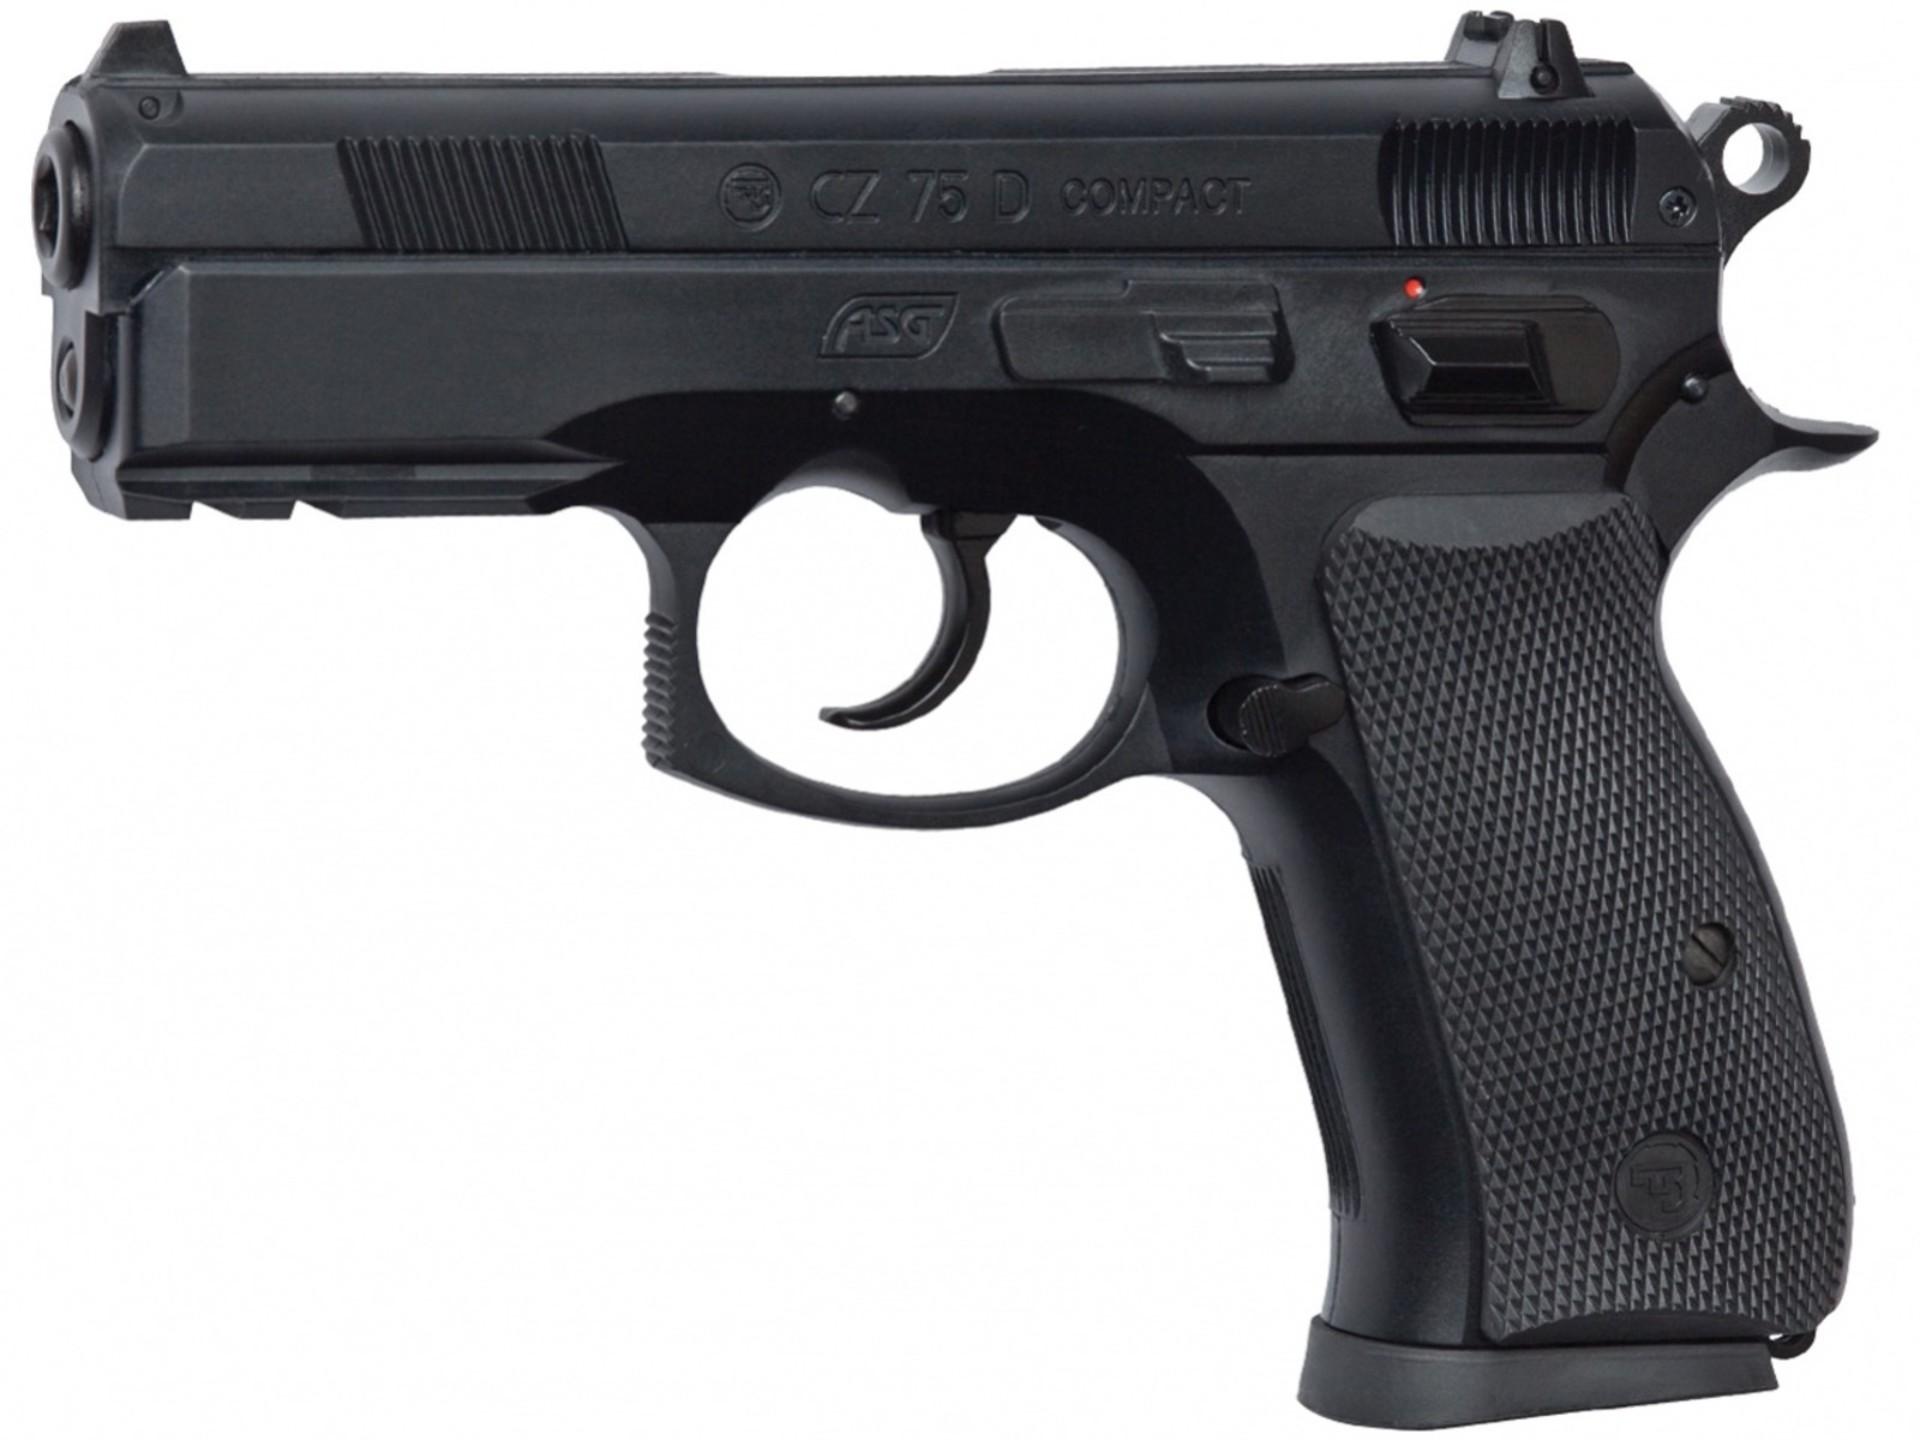 47d41af82 Vzduchová pištol CZ-75 D Compact | Colosus.sk